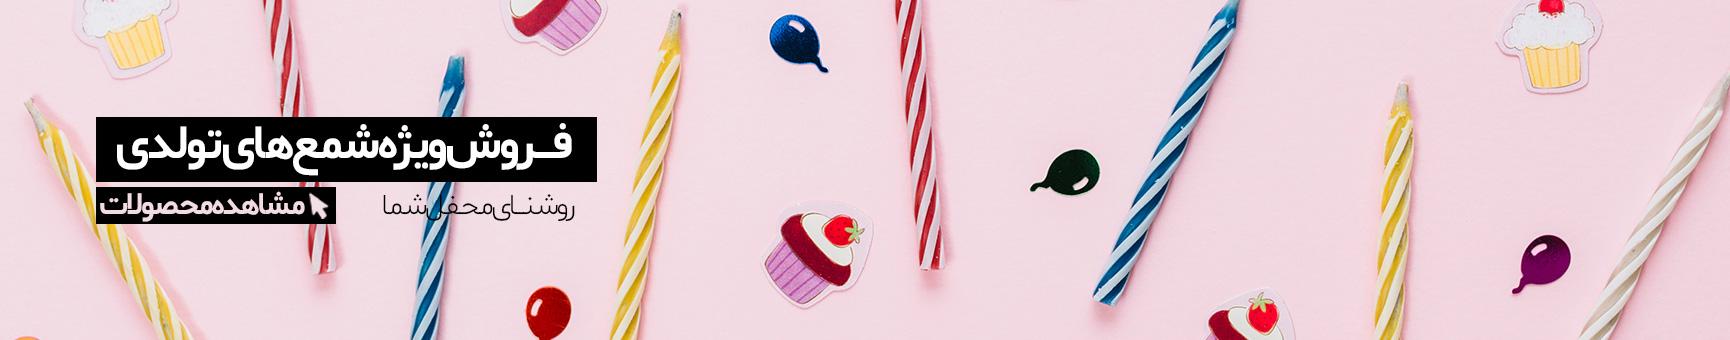 فروش ویژه شمع های تولدی - هورا-لوازم جشن و تولد